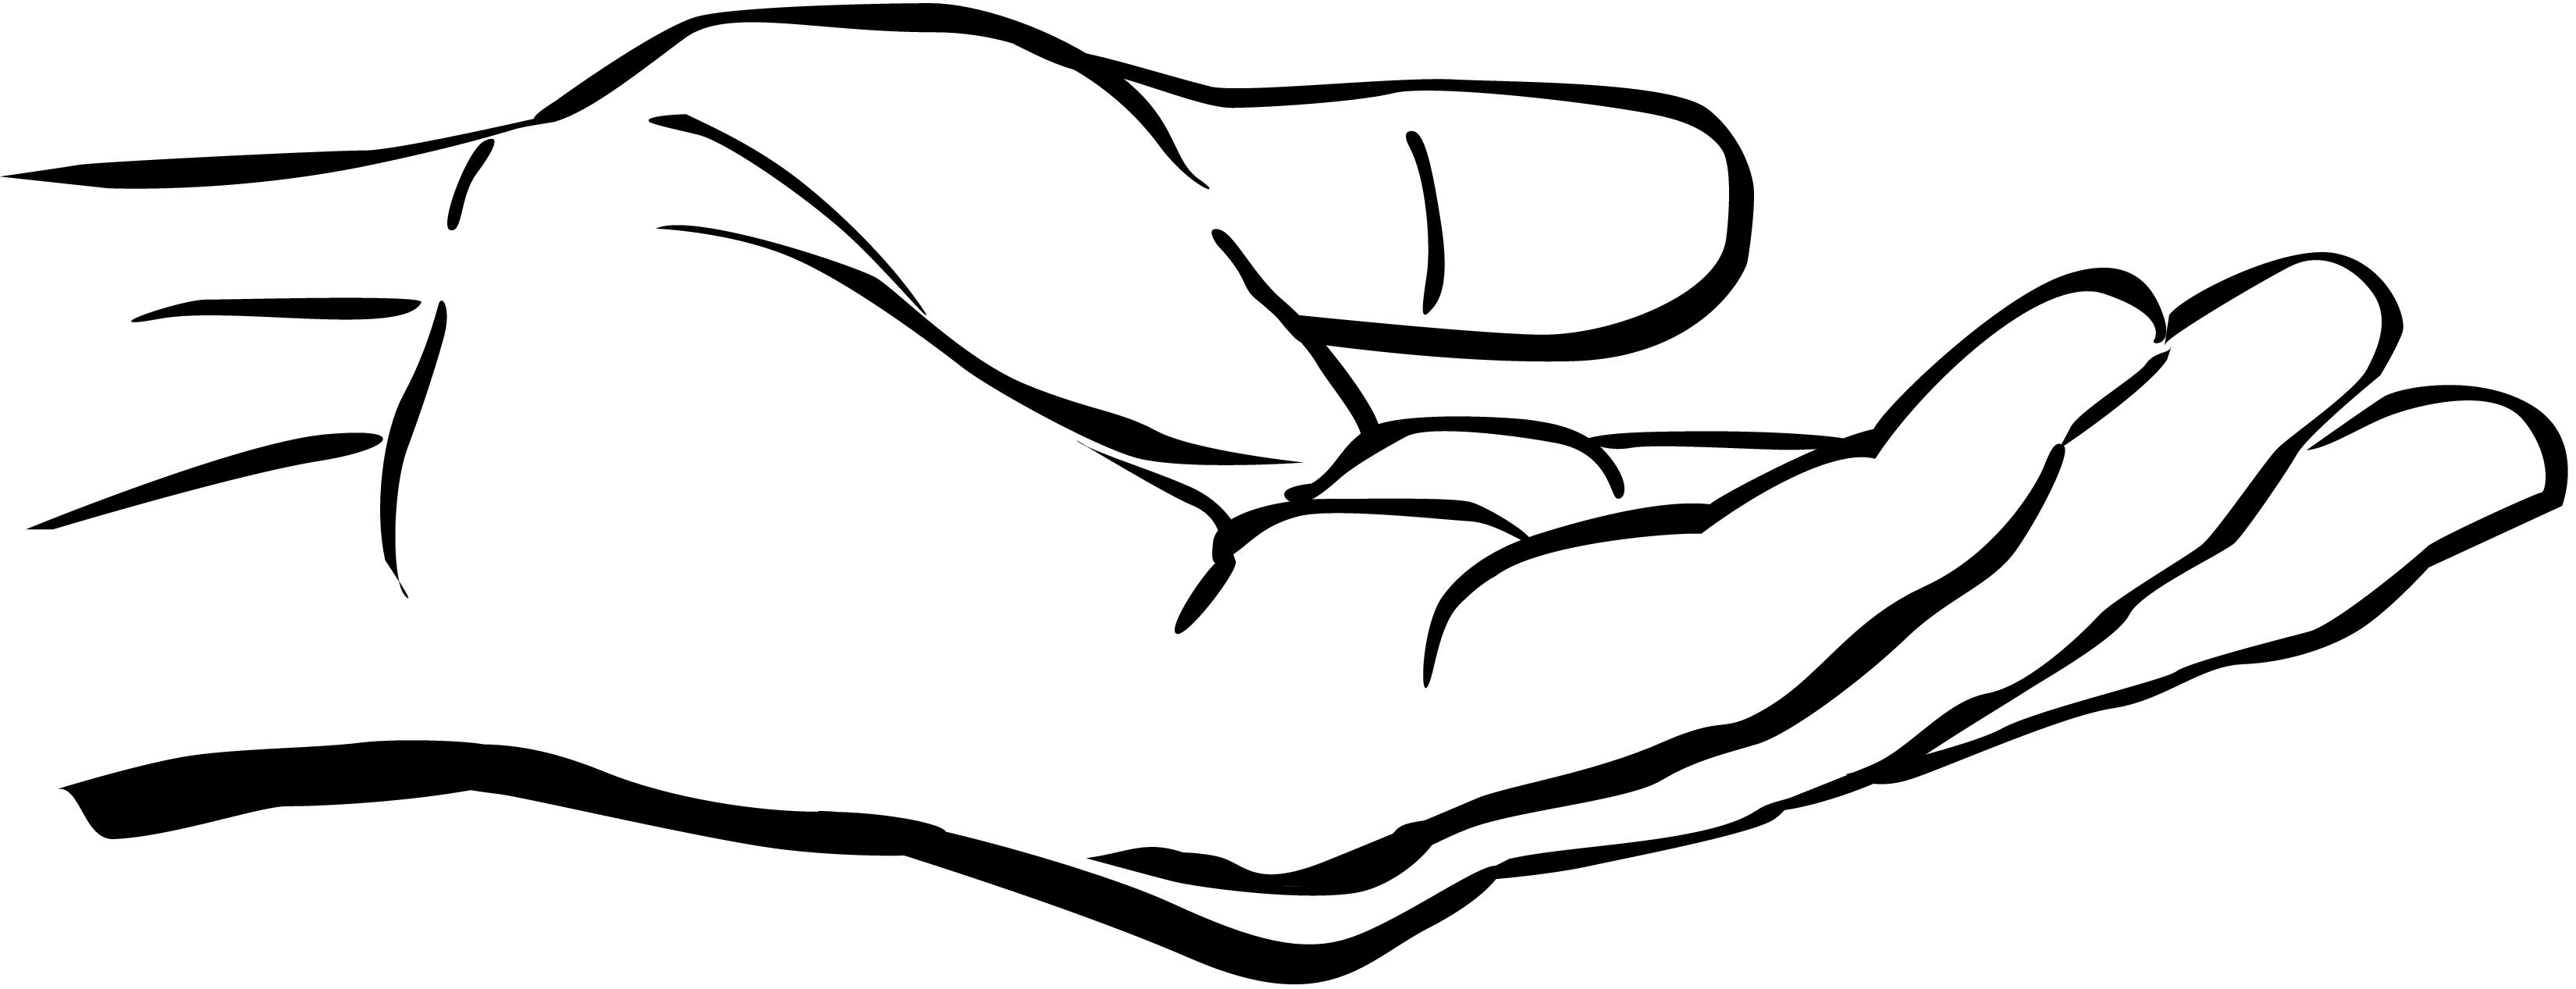 God Clip Art u0026middot; hand clipart